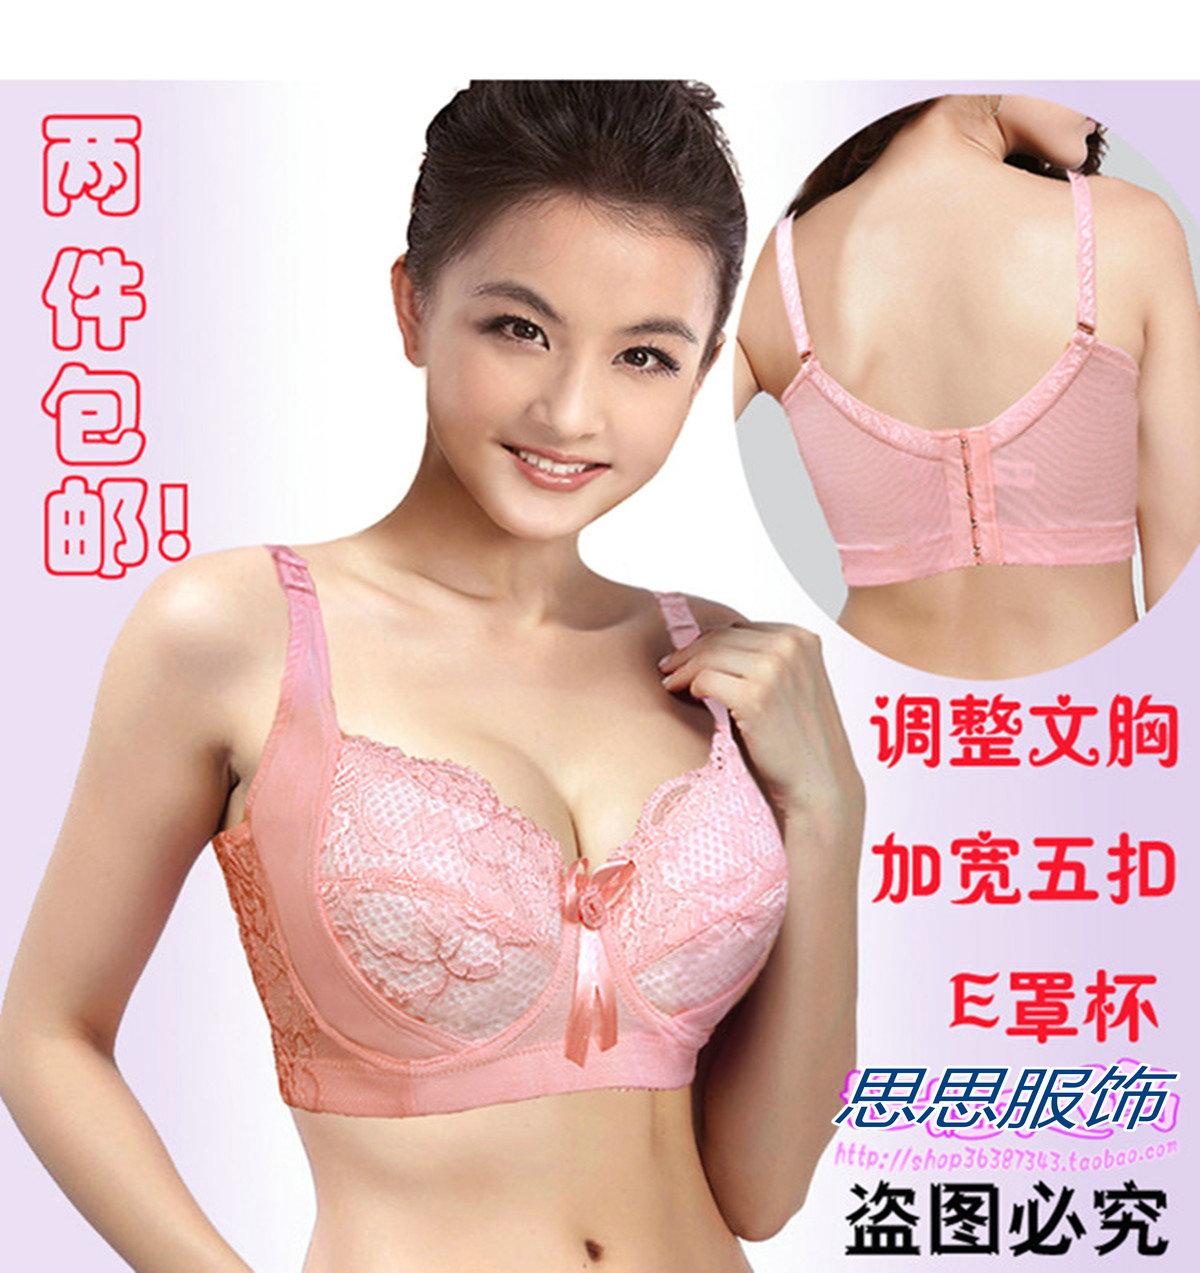 CUPPlus size bra...D Cup Breast Bra